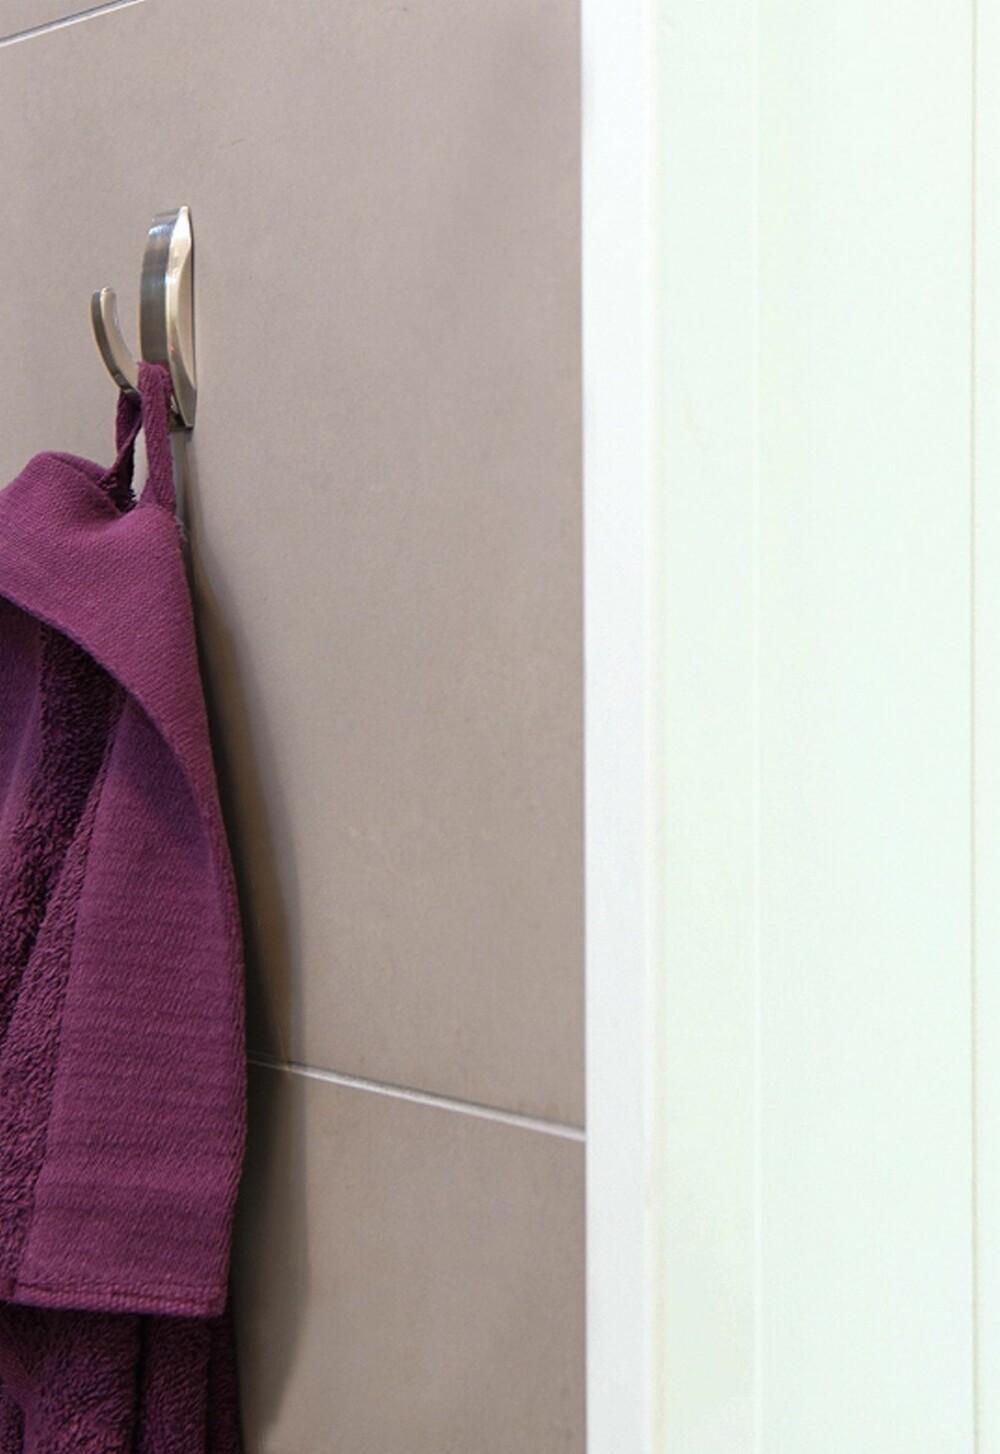 DETTE ER MDF: Det endte med mdf-plater i stedet for baderomspanel på veggene. Platene kan lett males over ved behov, og de ser ut som panel.